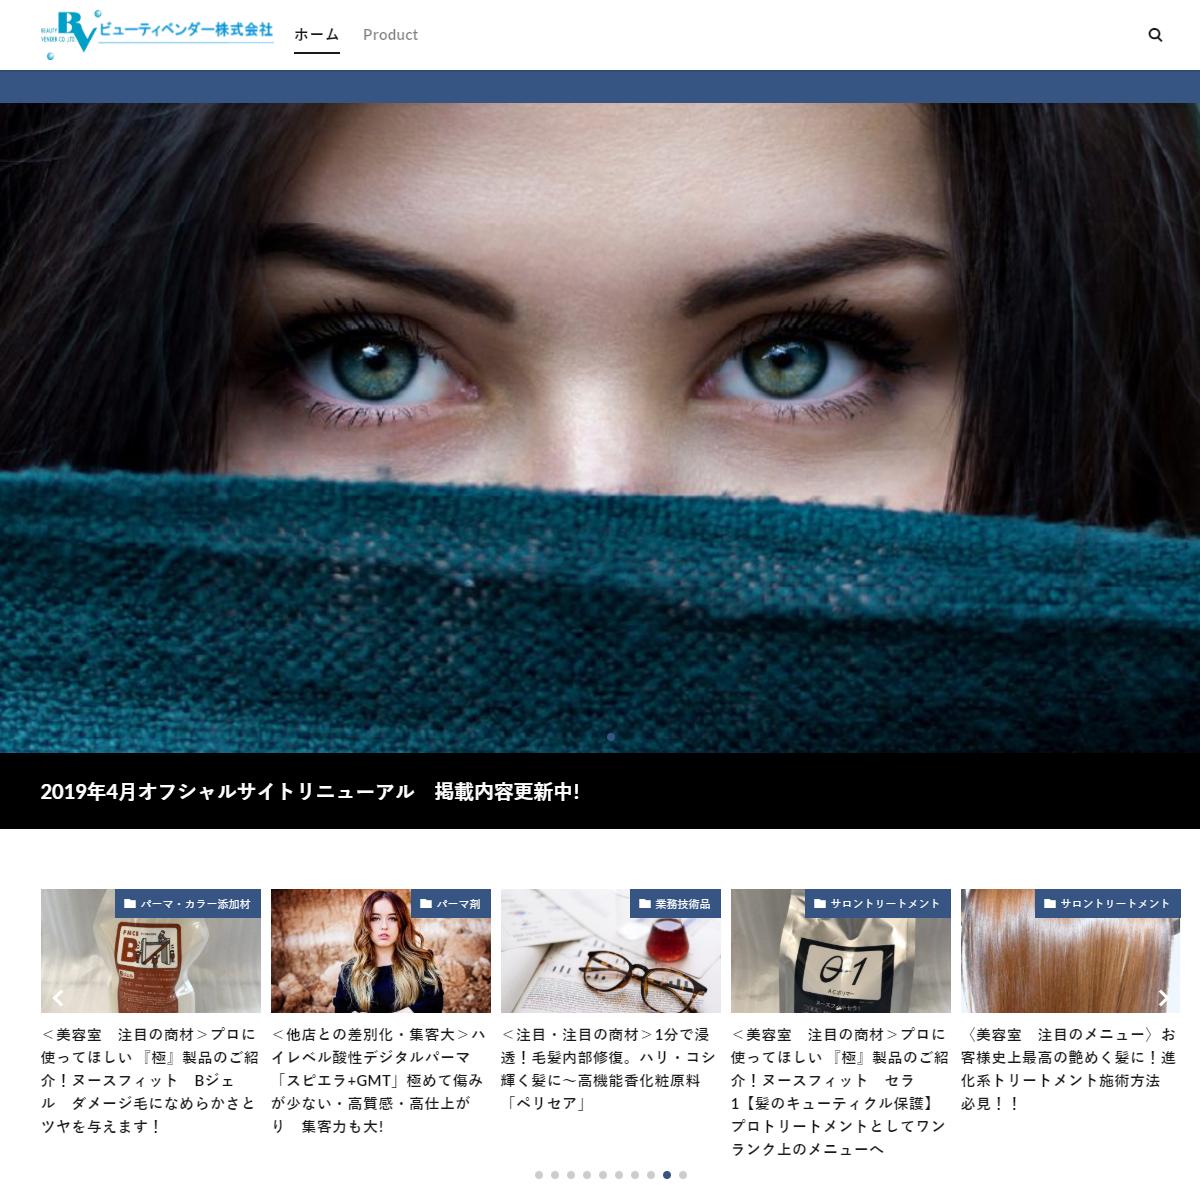 ビューティベンダー株式会社は北海道札幌の美容ディーラー